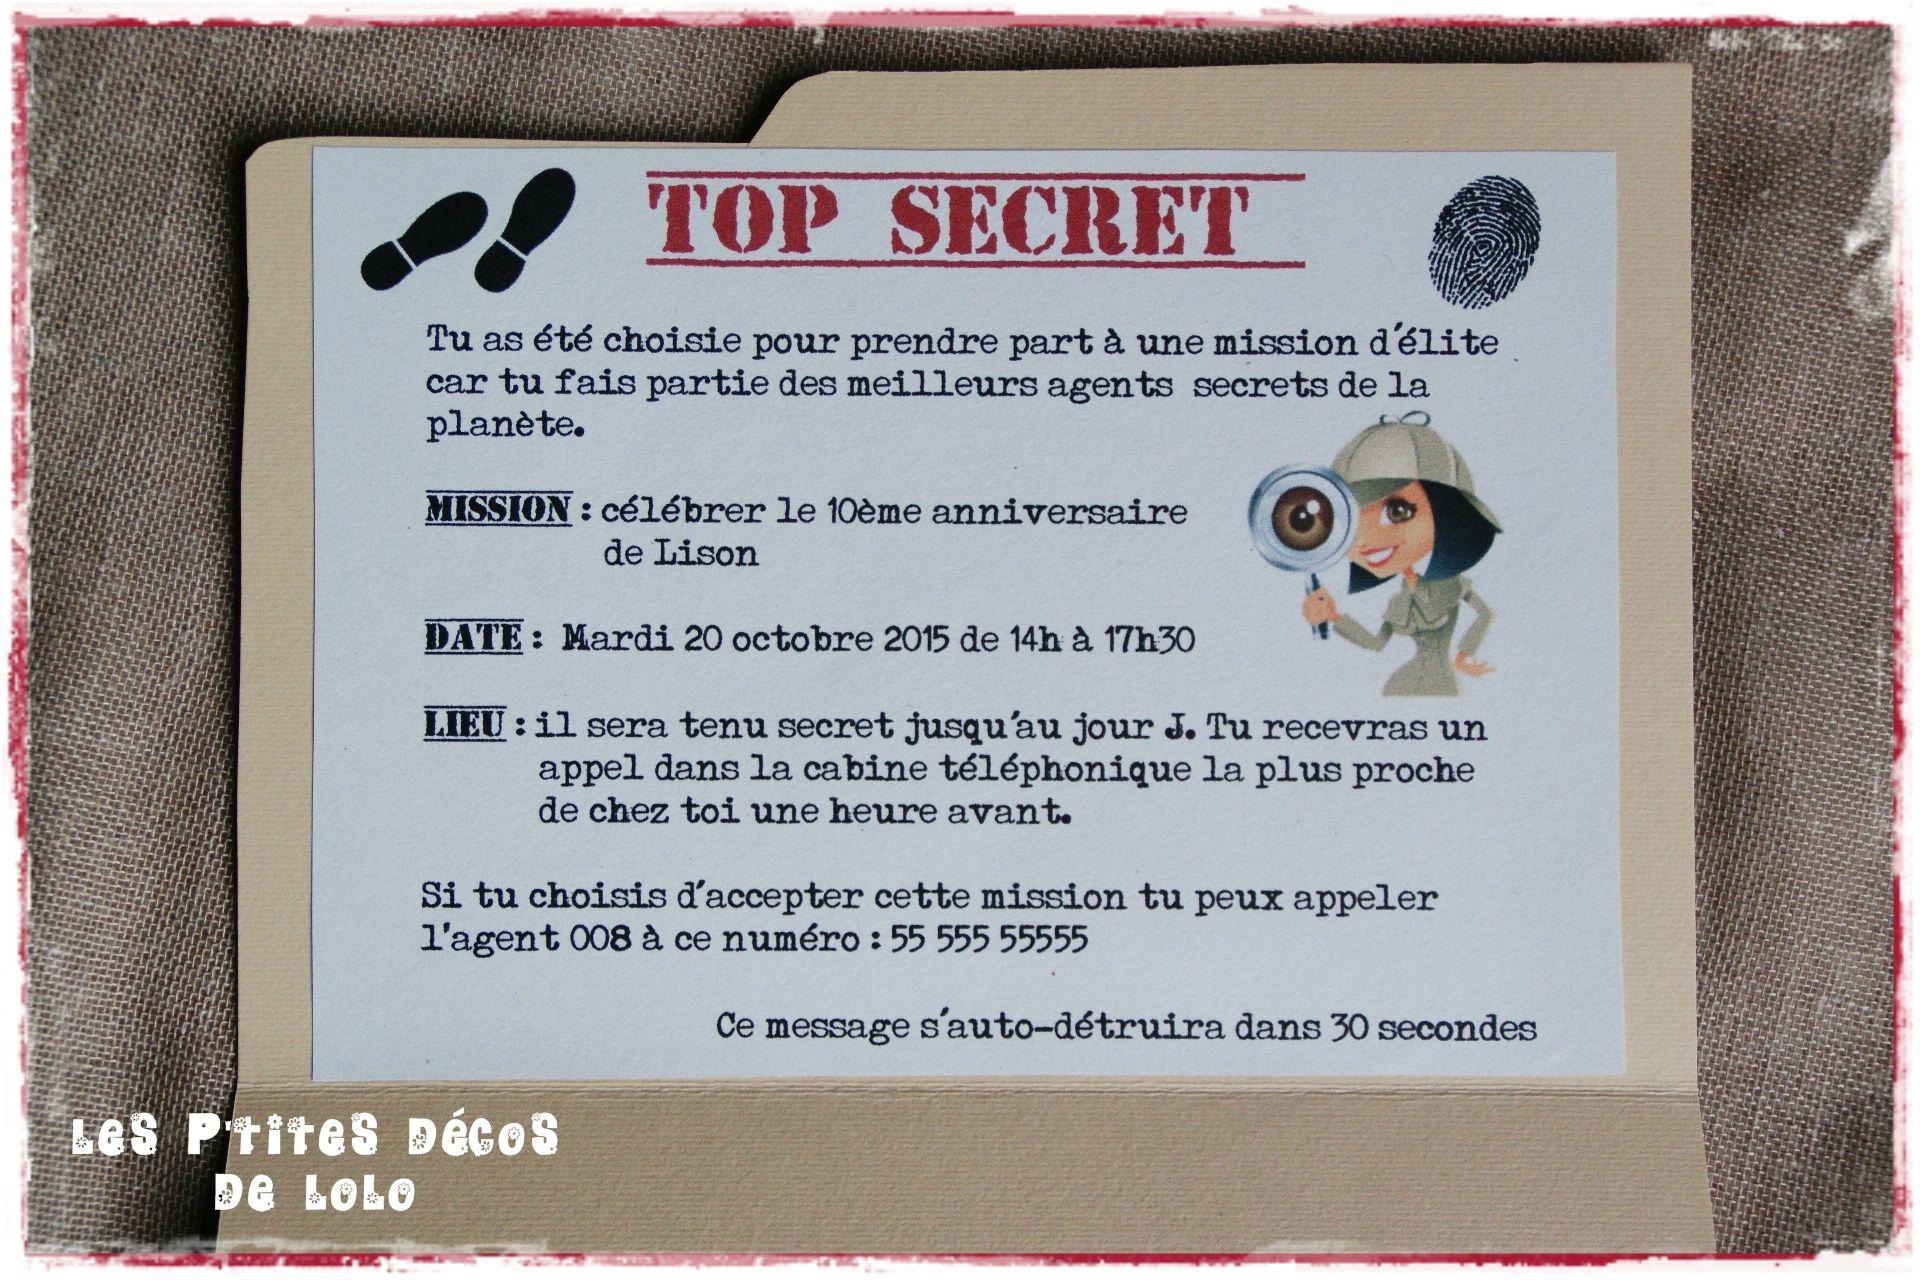 Preparer Un Anniversaire Theme Agents Secrets Pour Meuf Blasee Les P Tites Decos De Lolo Carte Invitation Anniversaire Invitation Anniversaire Texte Invitation Anniversaire